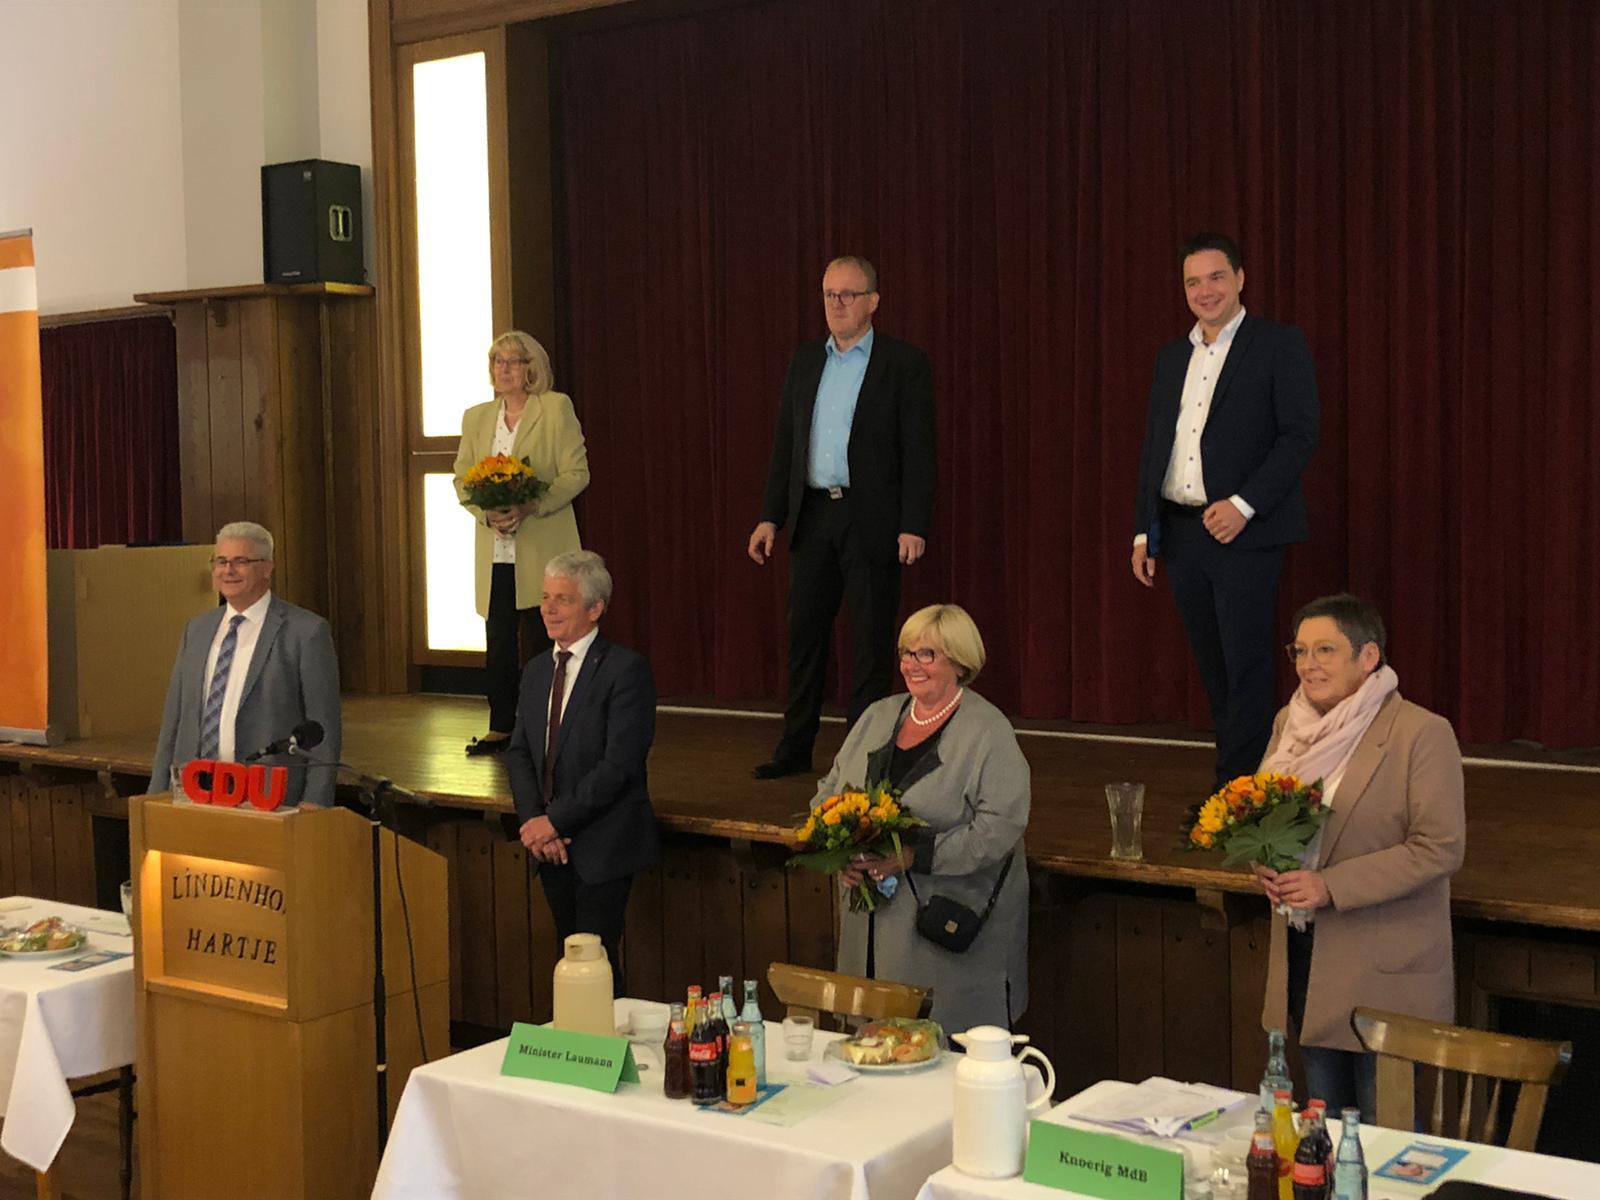 von unterer Reihe links nach rechts: A. Knoerig, Dr. F. Schmädeke, H. Hörig-Bergbauer, D. Meyer